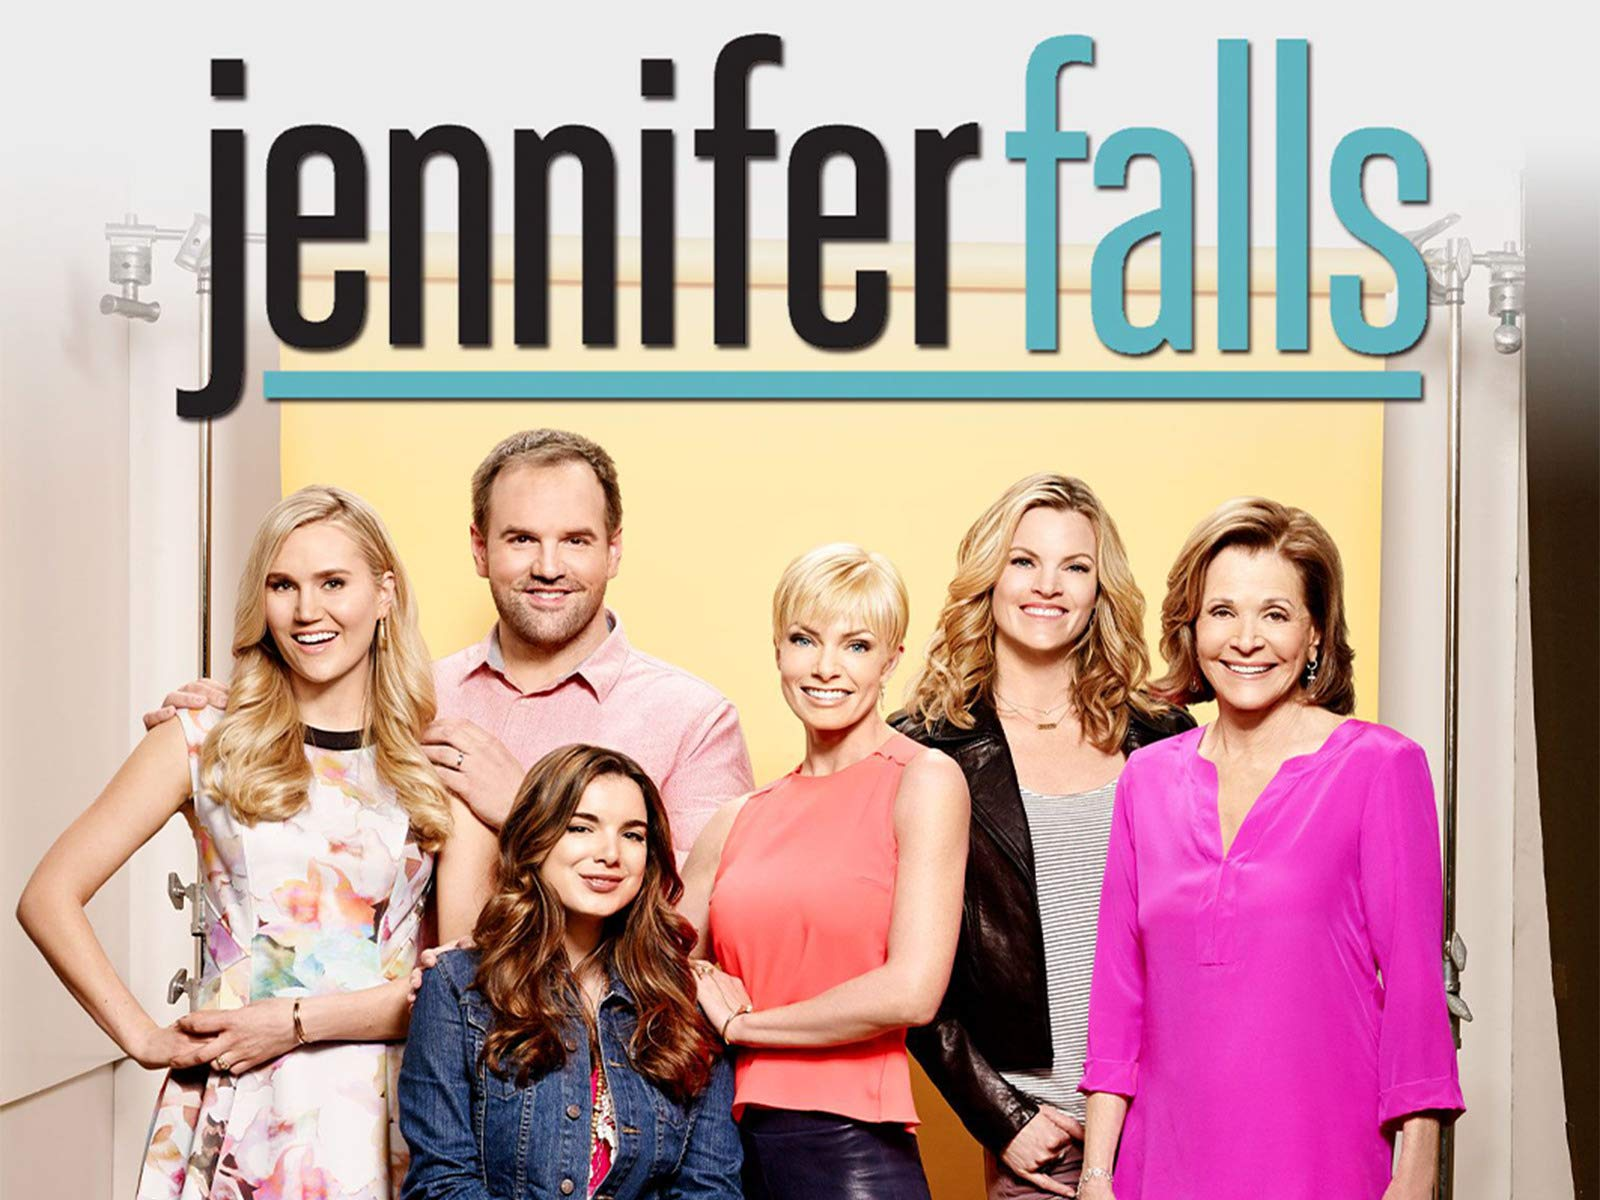 Jennifer Falls on Amazon Prime Video UK